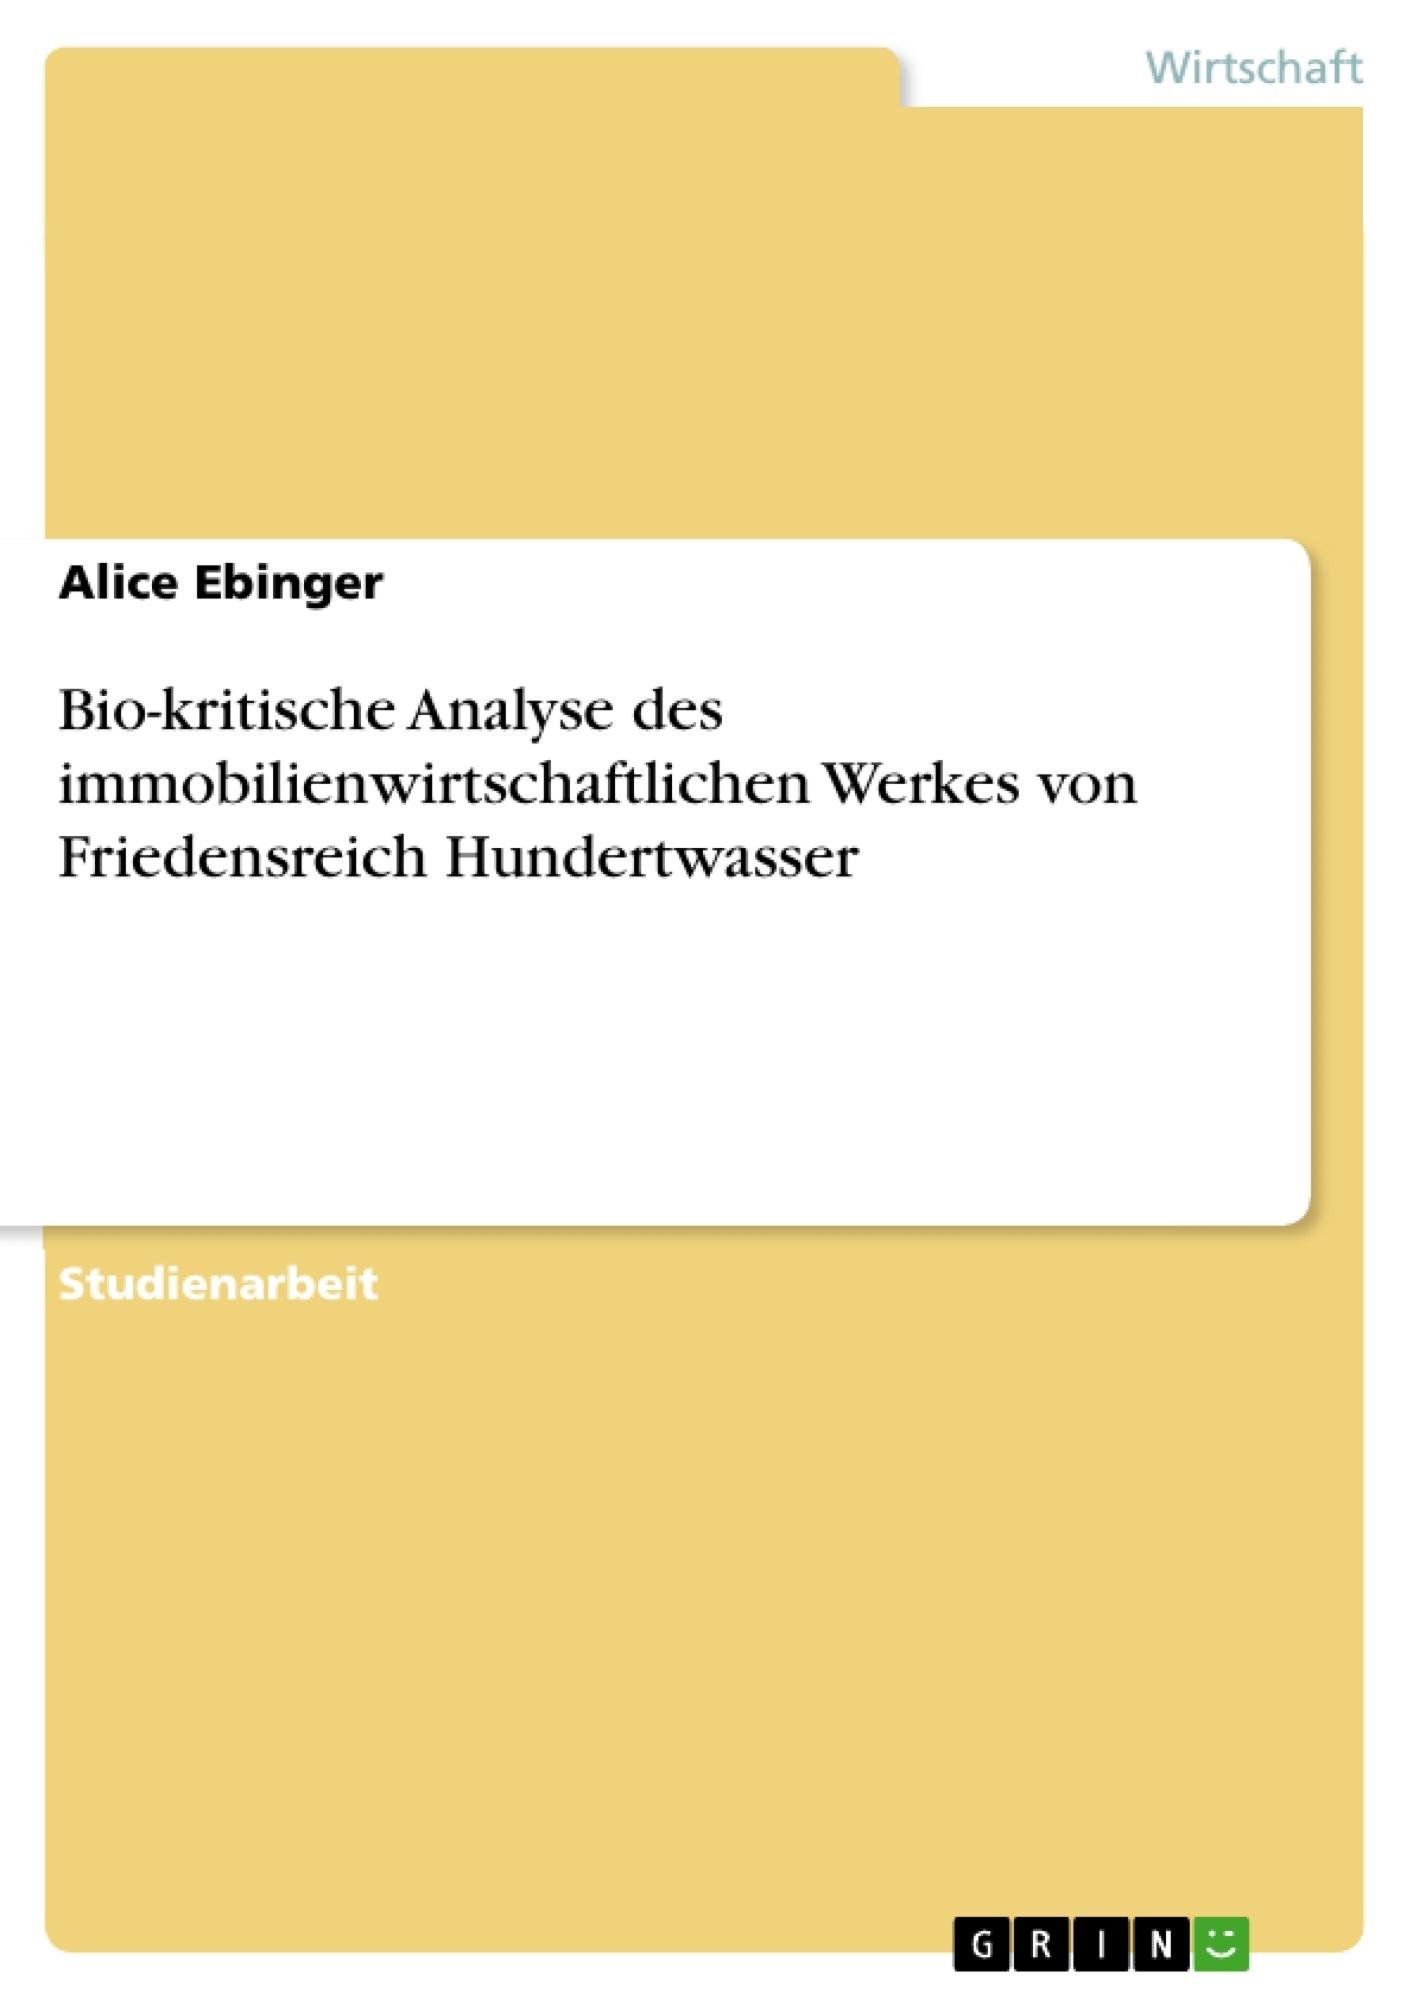 Titel: Bio-kritische Analyse des immobilienwirtschaftlichen Werkes von Friedensreich Hundertwasser